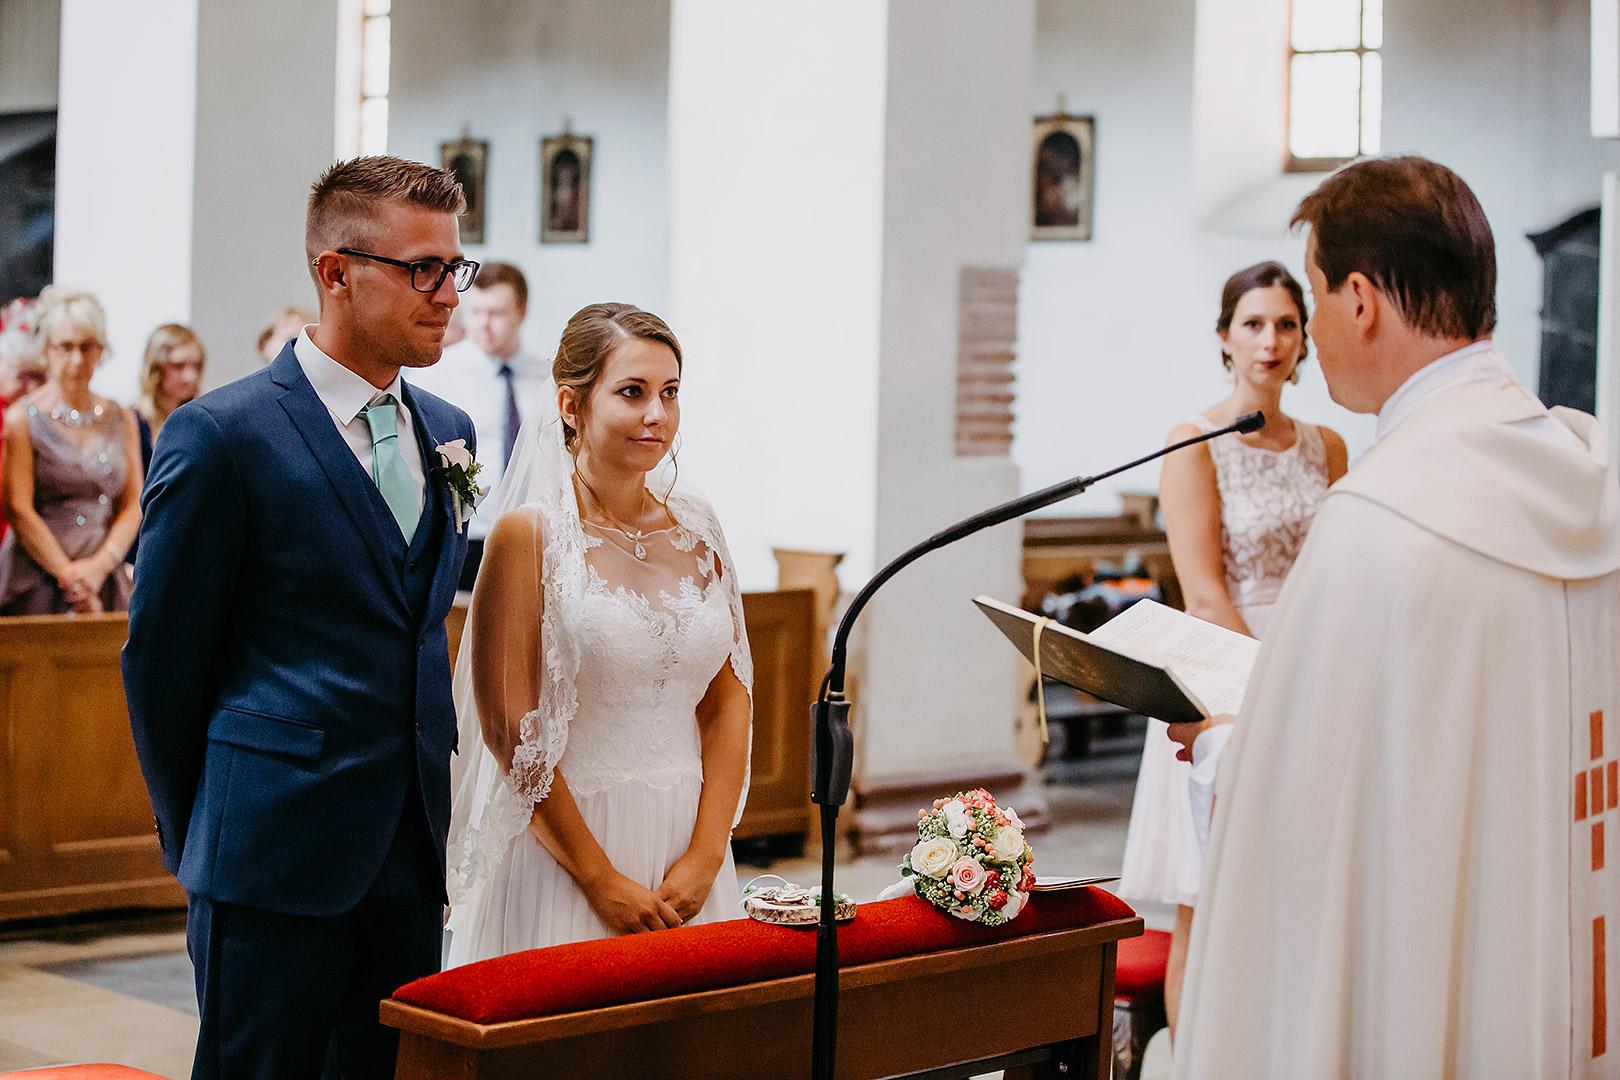 portrait_wedding_IsabellundOliver_84